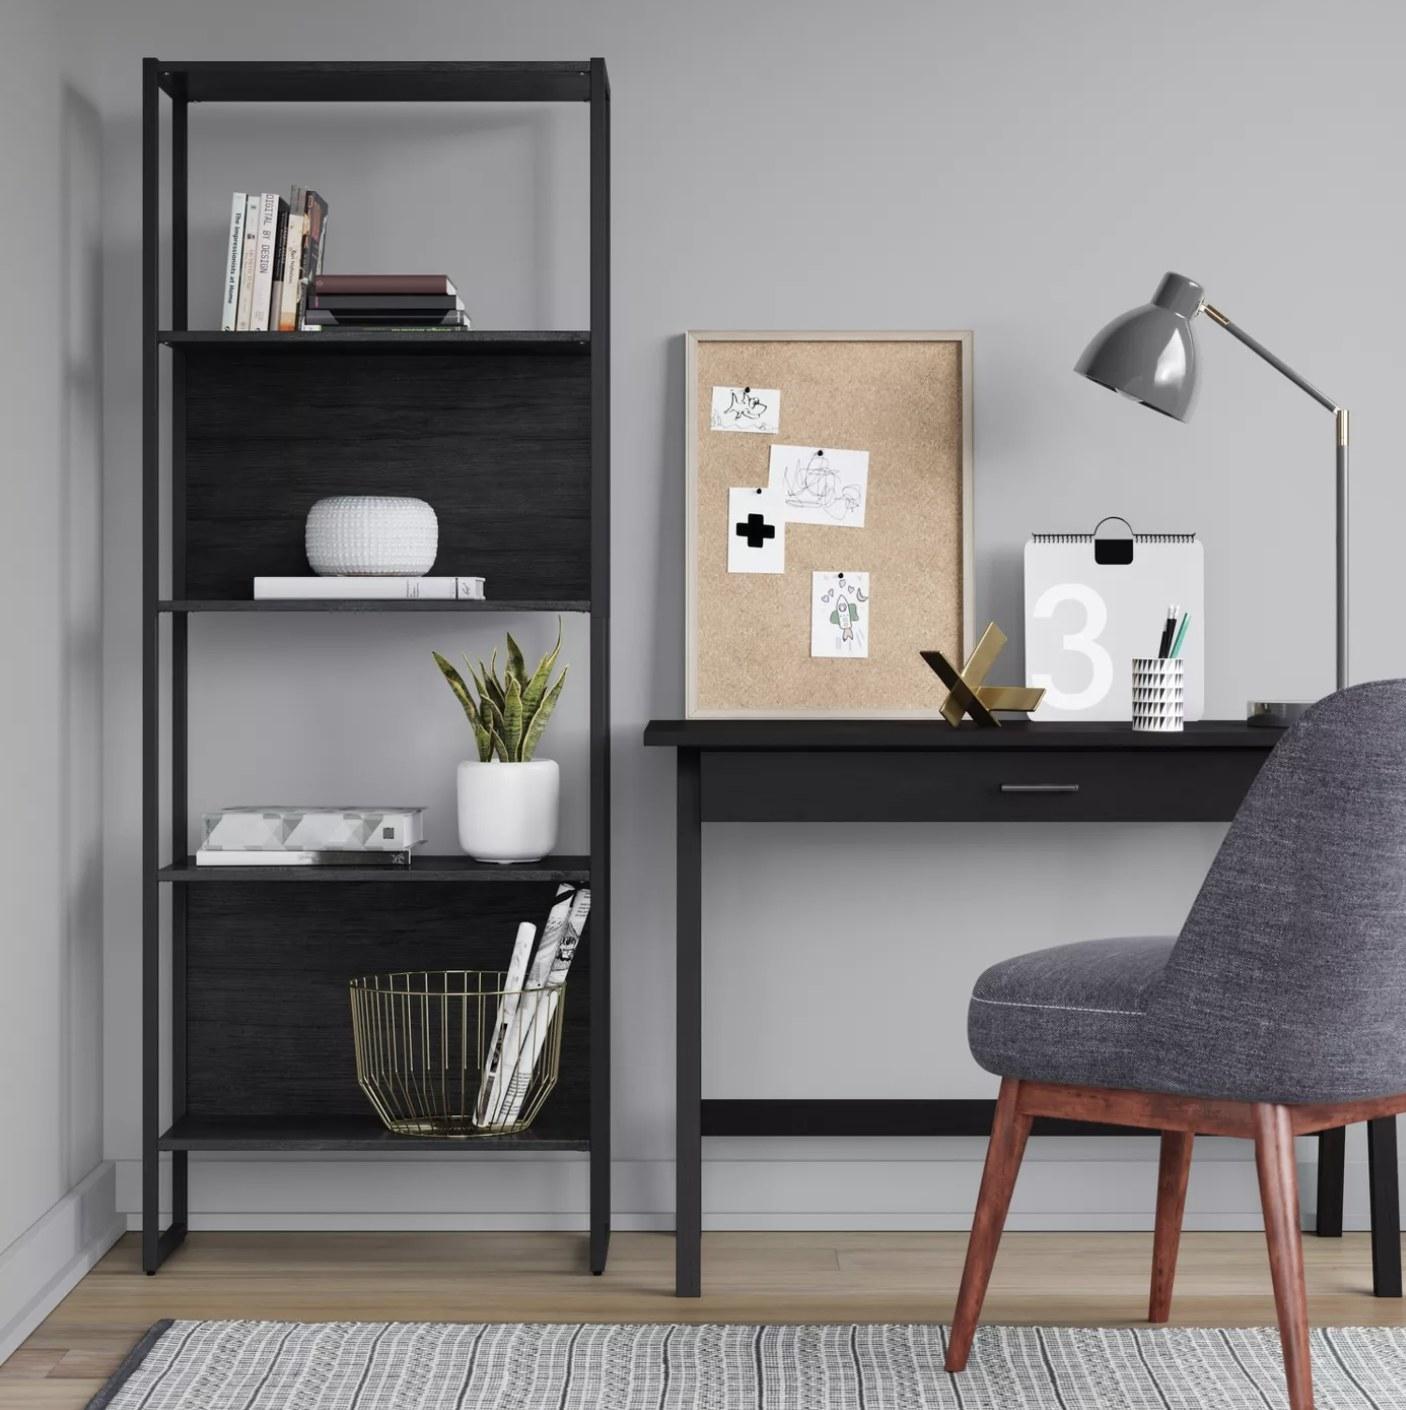 A black wooden desk